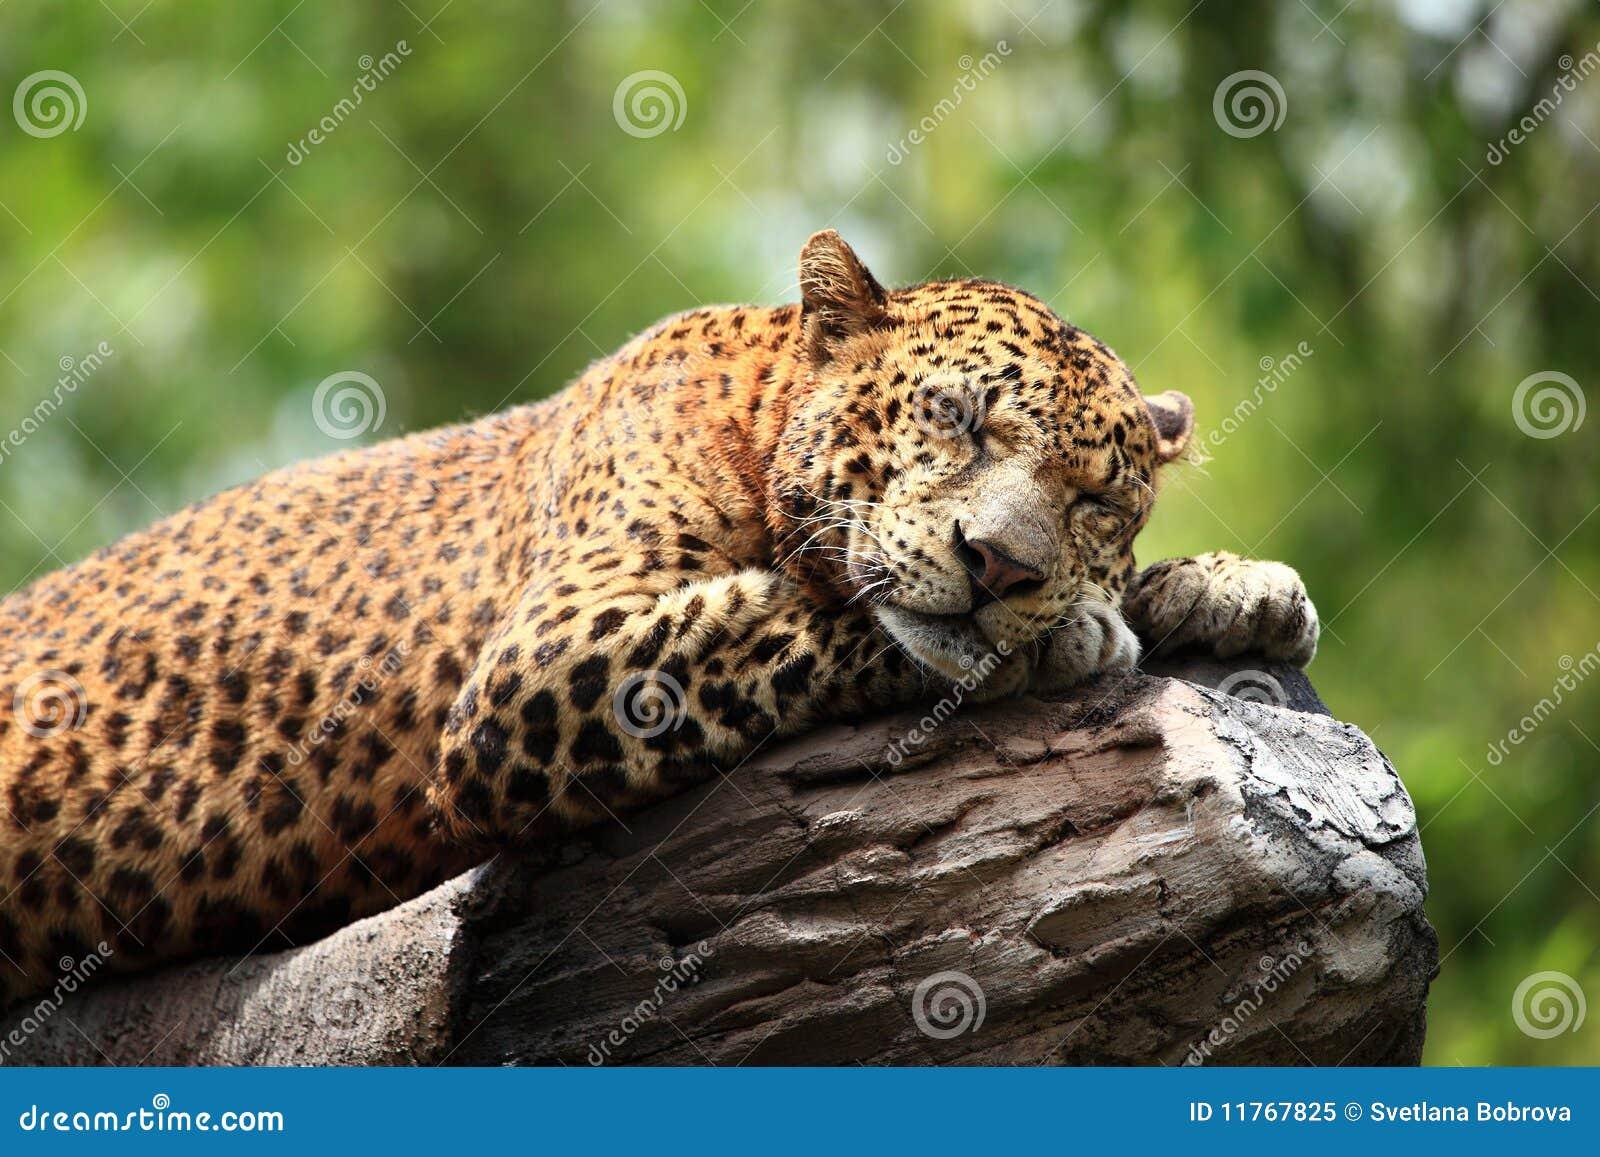 fa8e476aaf Sleeping Leopard stock image. Image of predator